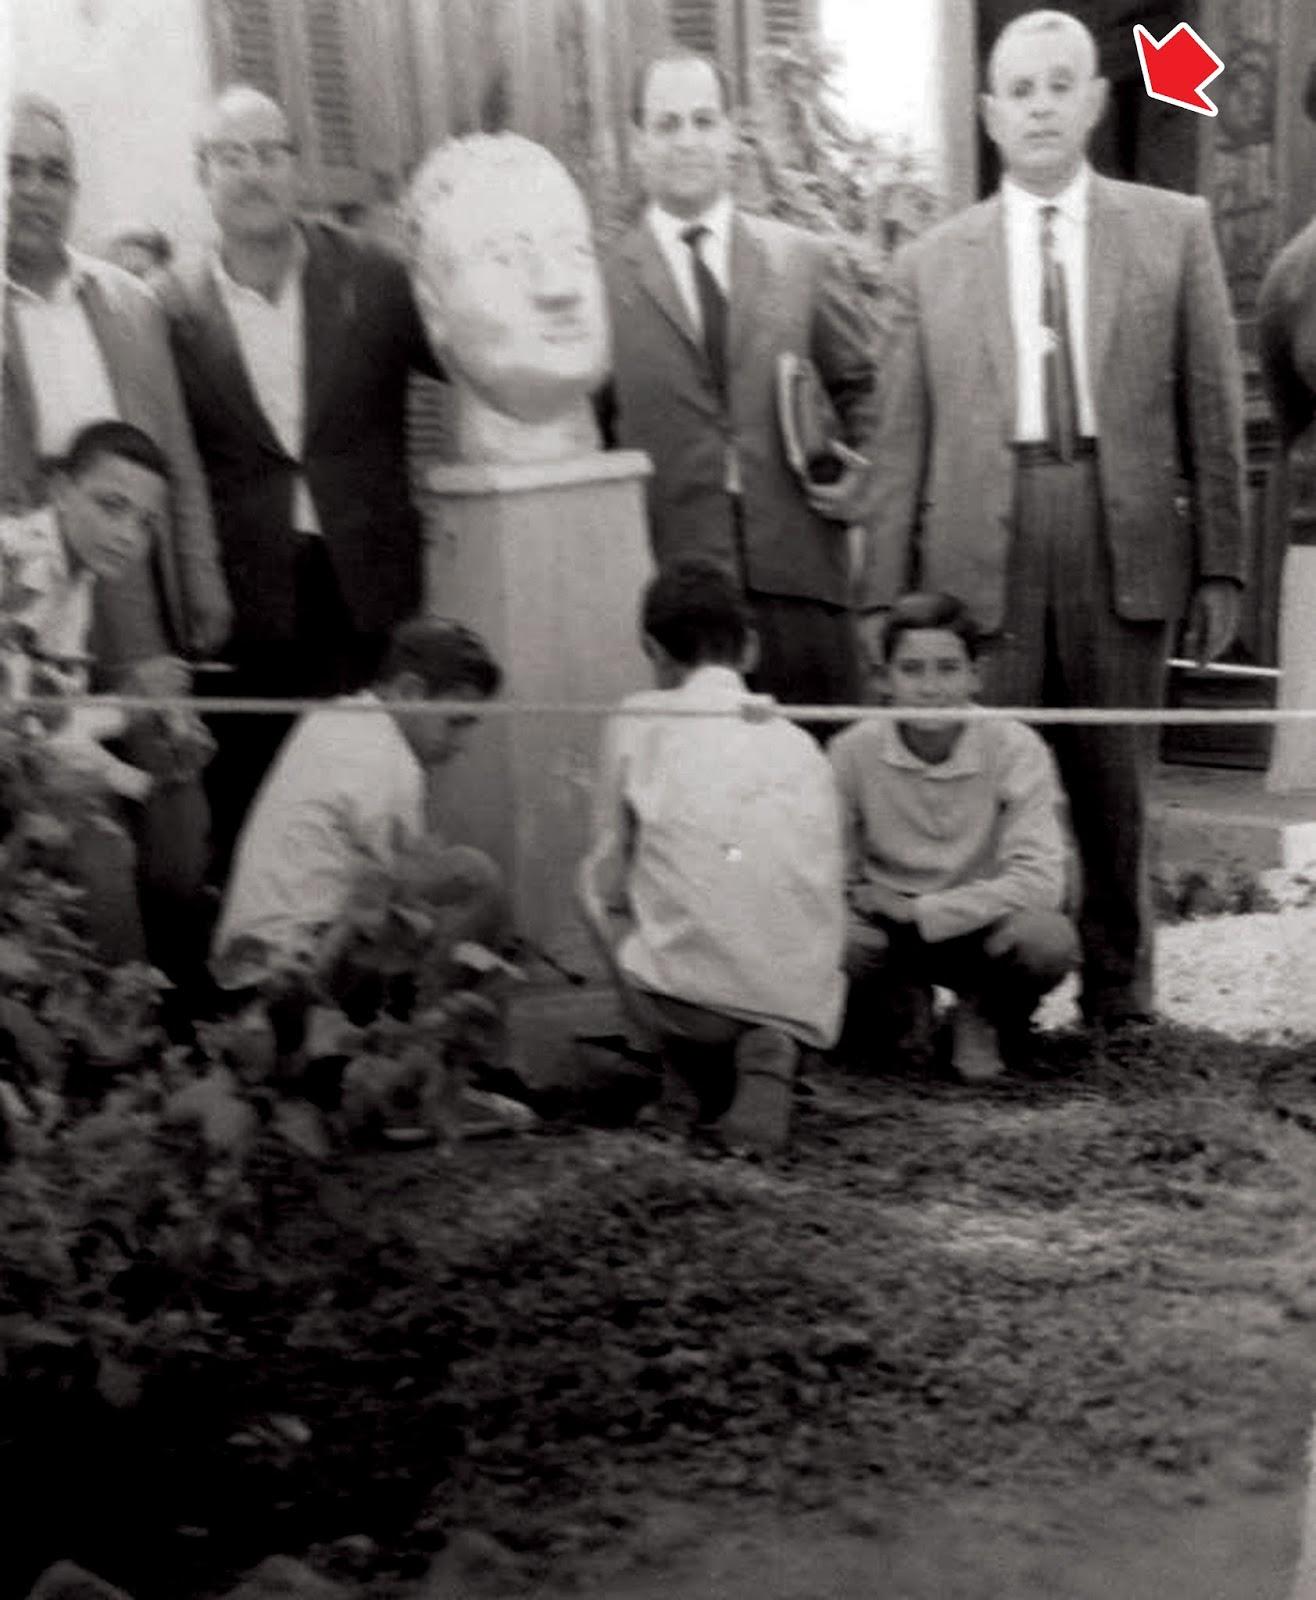 eab3fe4870eee السهم يشير إلى خالي الأستاذ محمد عبد الله في صورة تذكارية مع